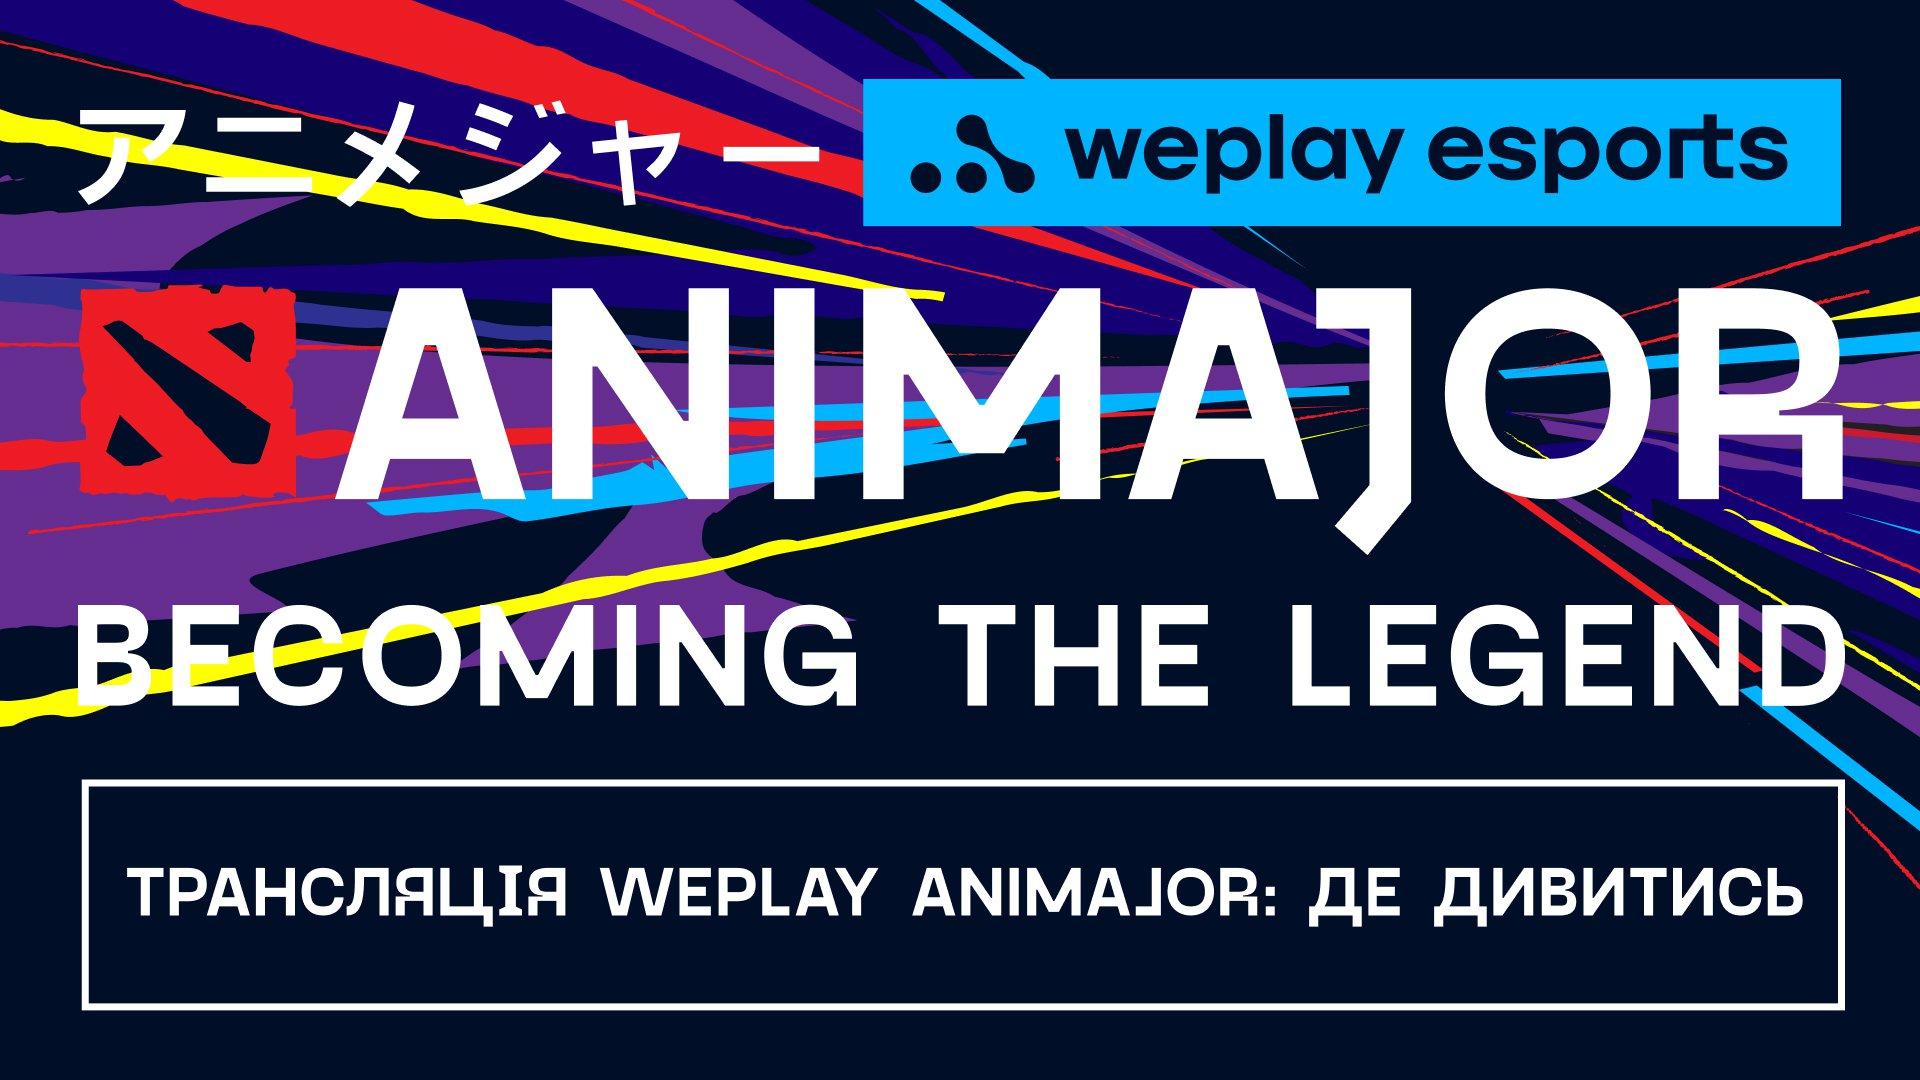 Трансляція WePlay AniMajor. Зображення: WePlay Esports